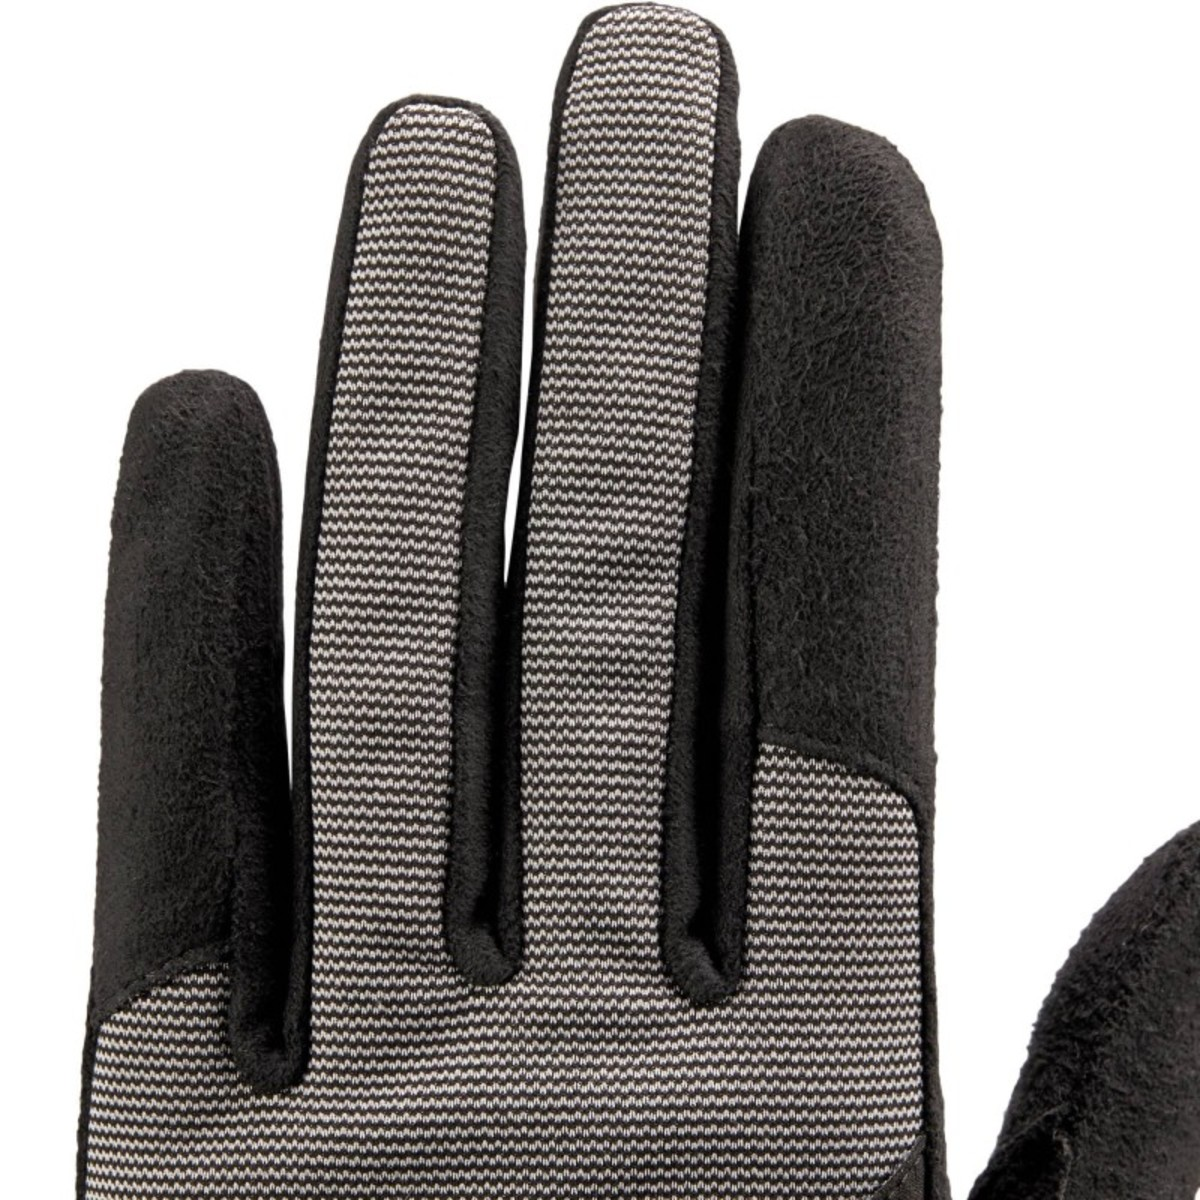 Bild 2 von INESIS Golfhandschuh Regen Rechtshand (für die linke Hand) Herren weiß, Größe: S